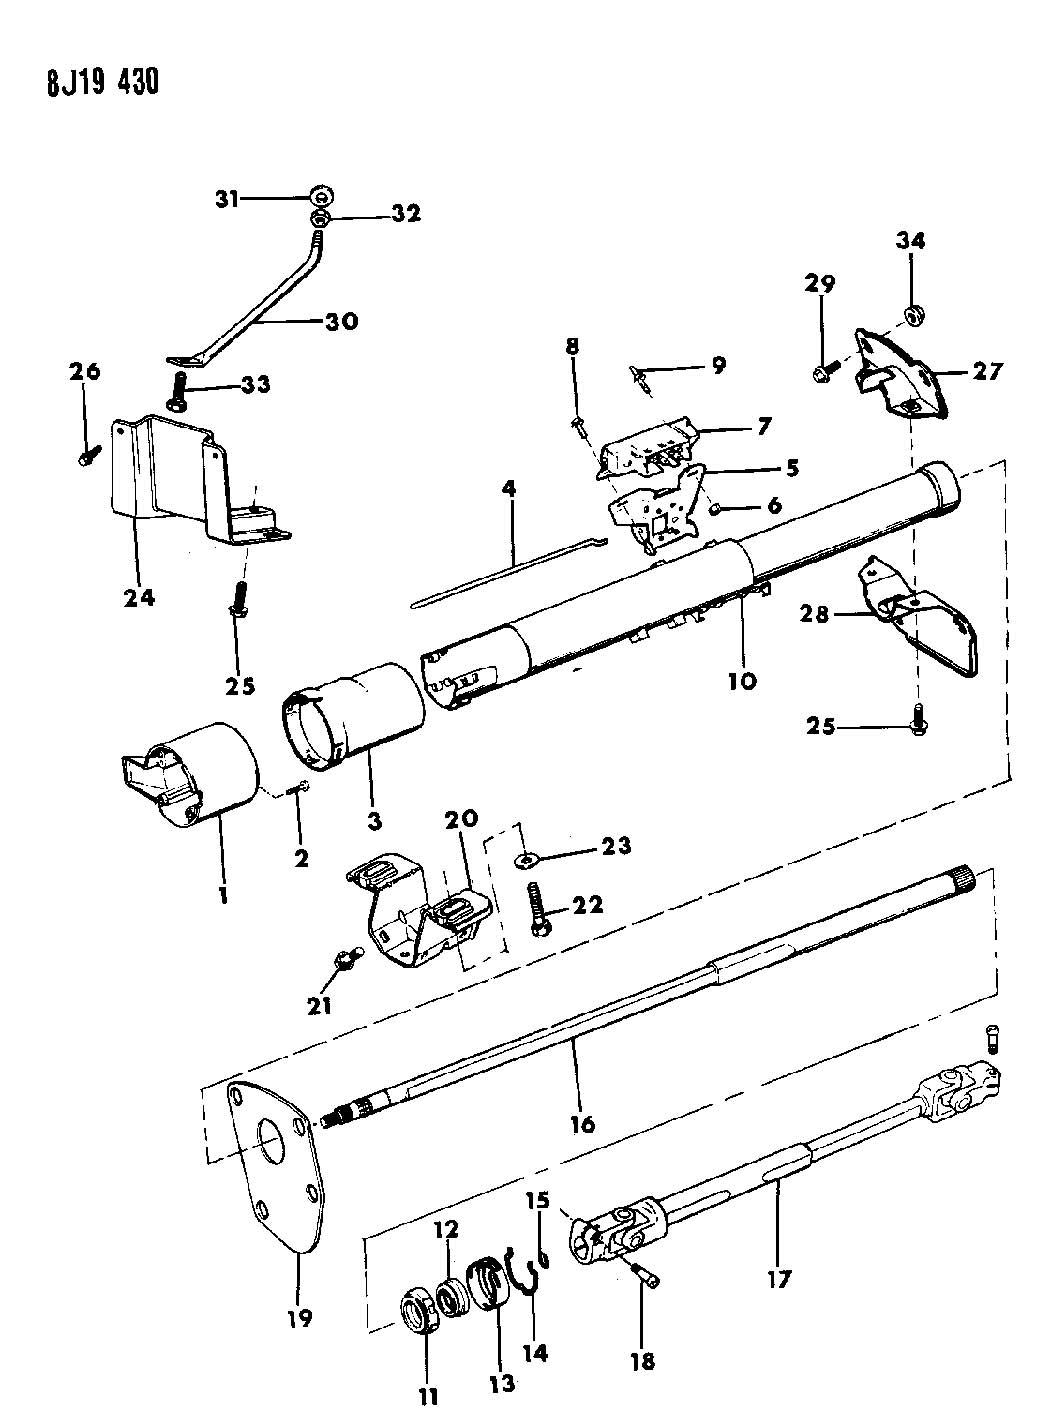 1989 dodge dynasty wiring diagram